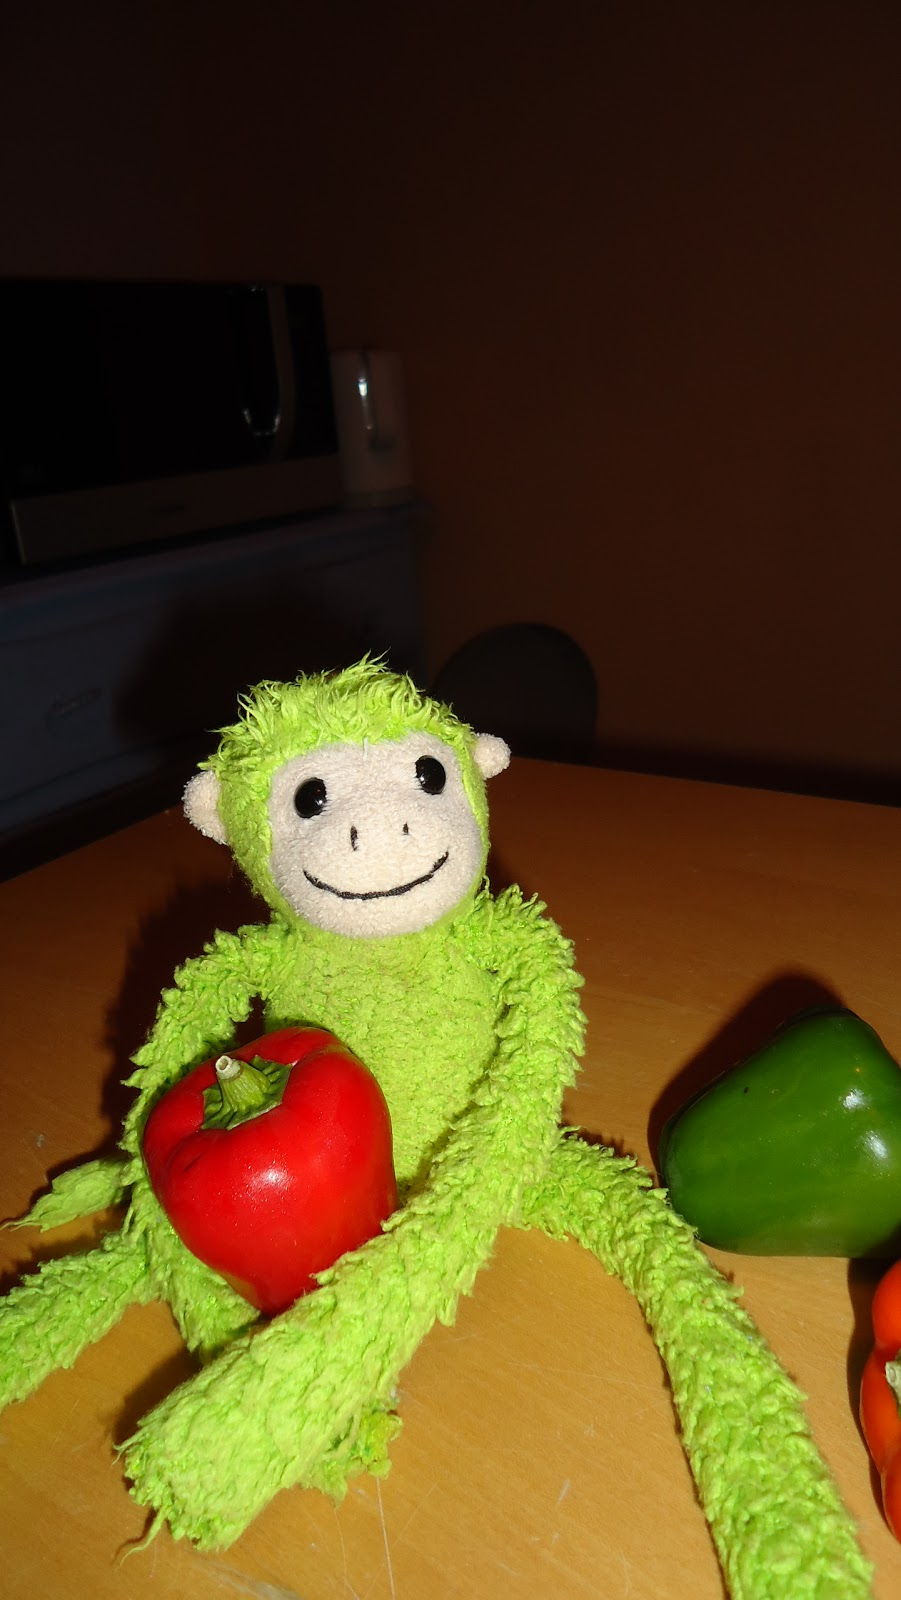 la vie est belle chez petit singe vert quel jour est on. Black Bedroom Furniture Sets. Home Design Ideas